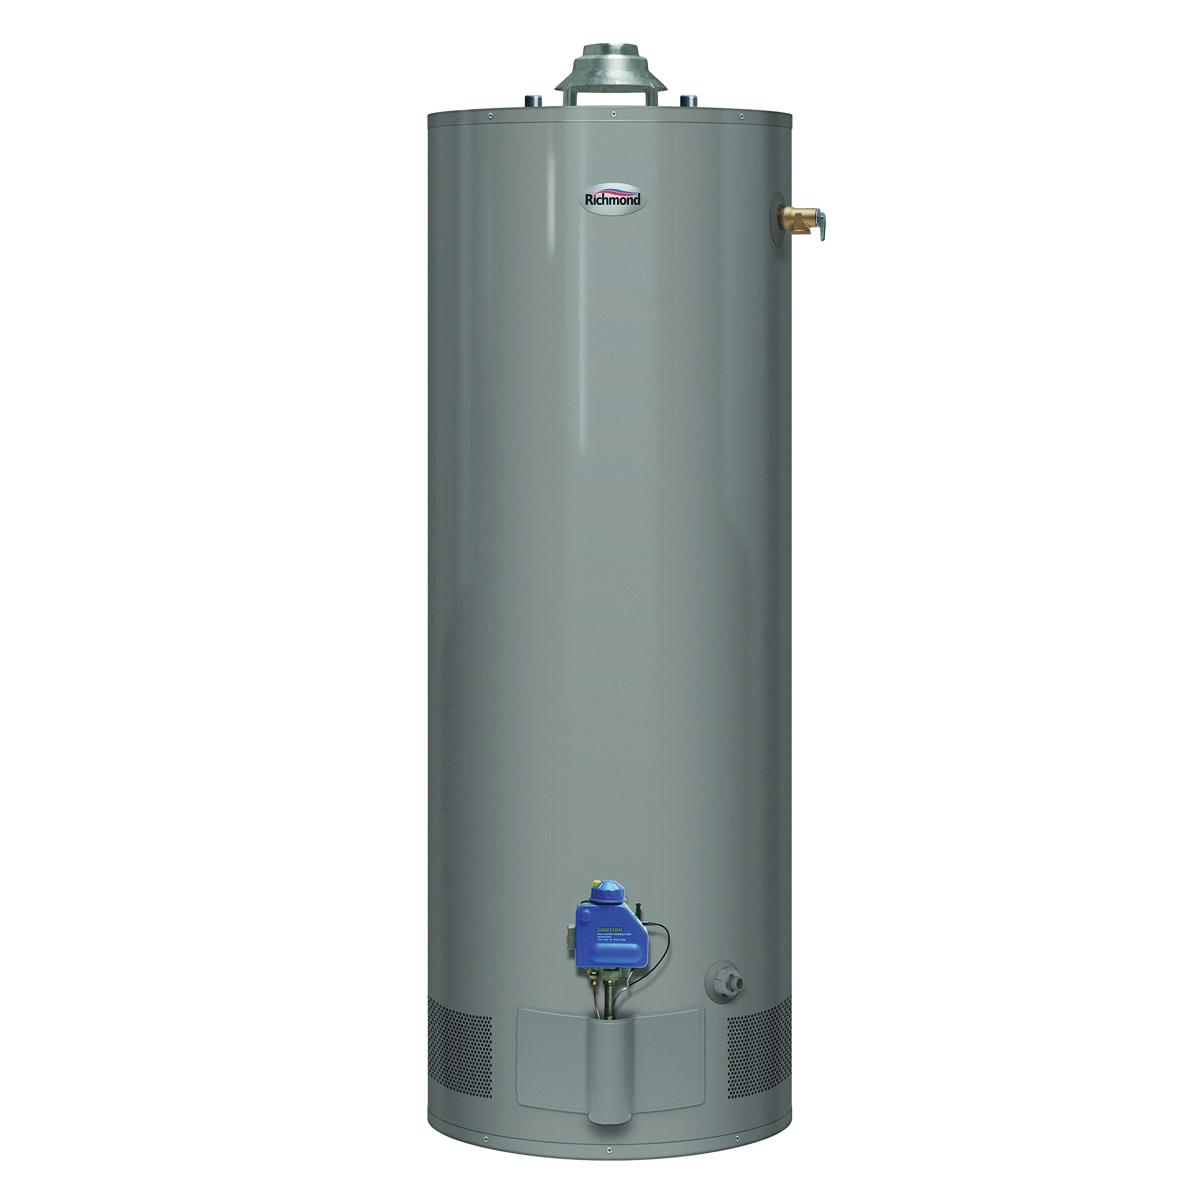 Picture of Richmond Essential 6G30S-30F3 Gas Water Heater, Natural Gas, 40 gal Tank, 52 gph, 30000 Btu/hr BTU, Dark Warm Gray